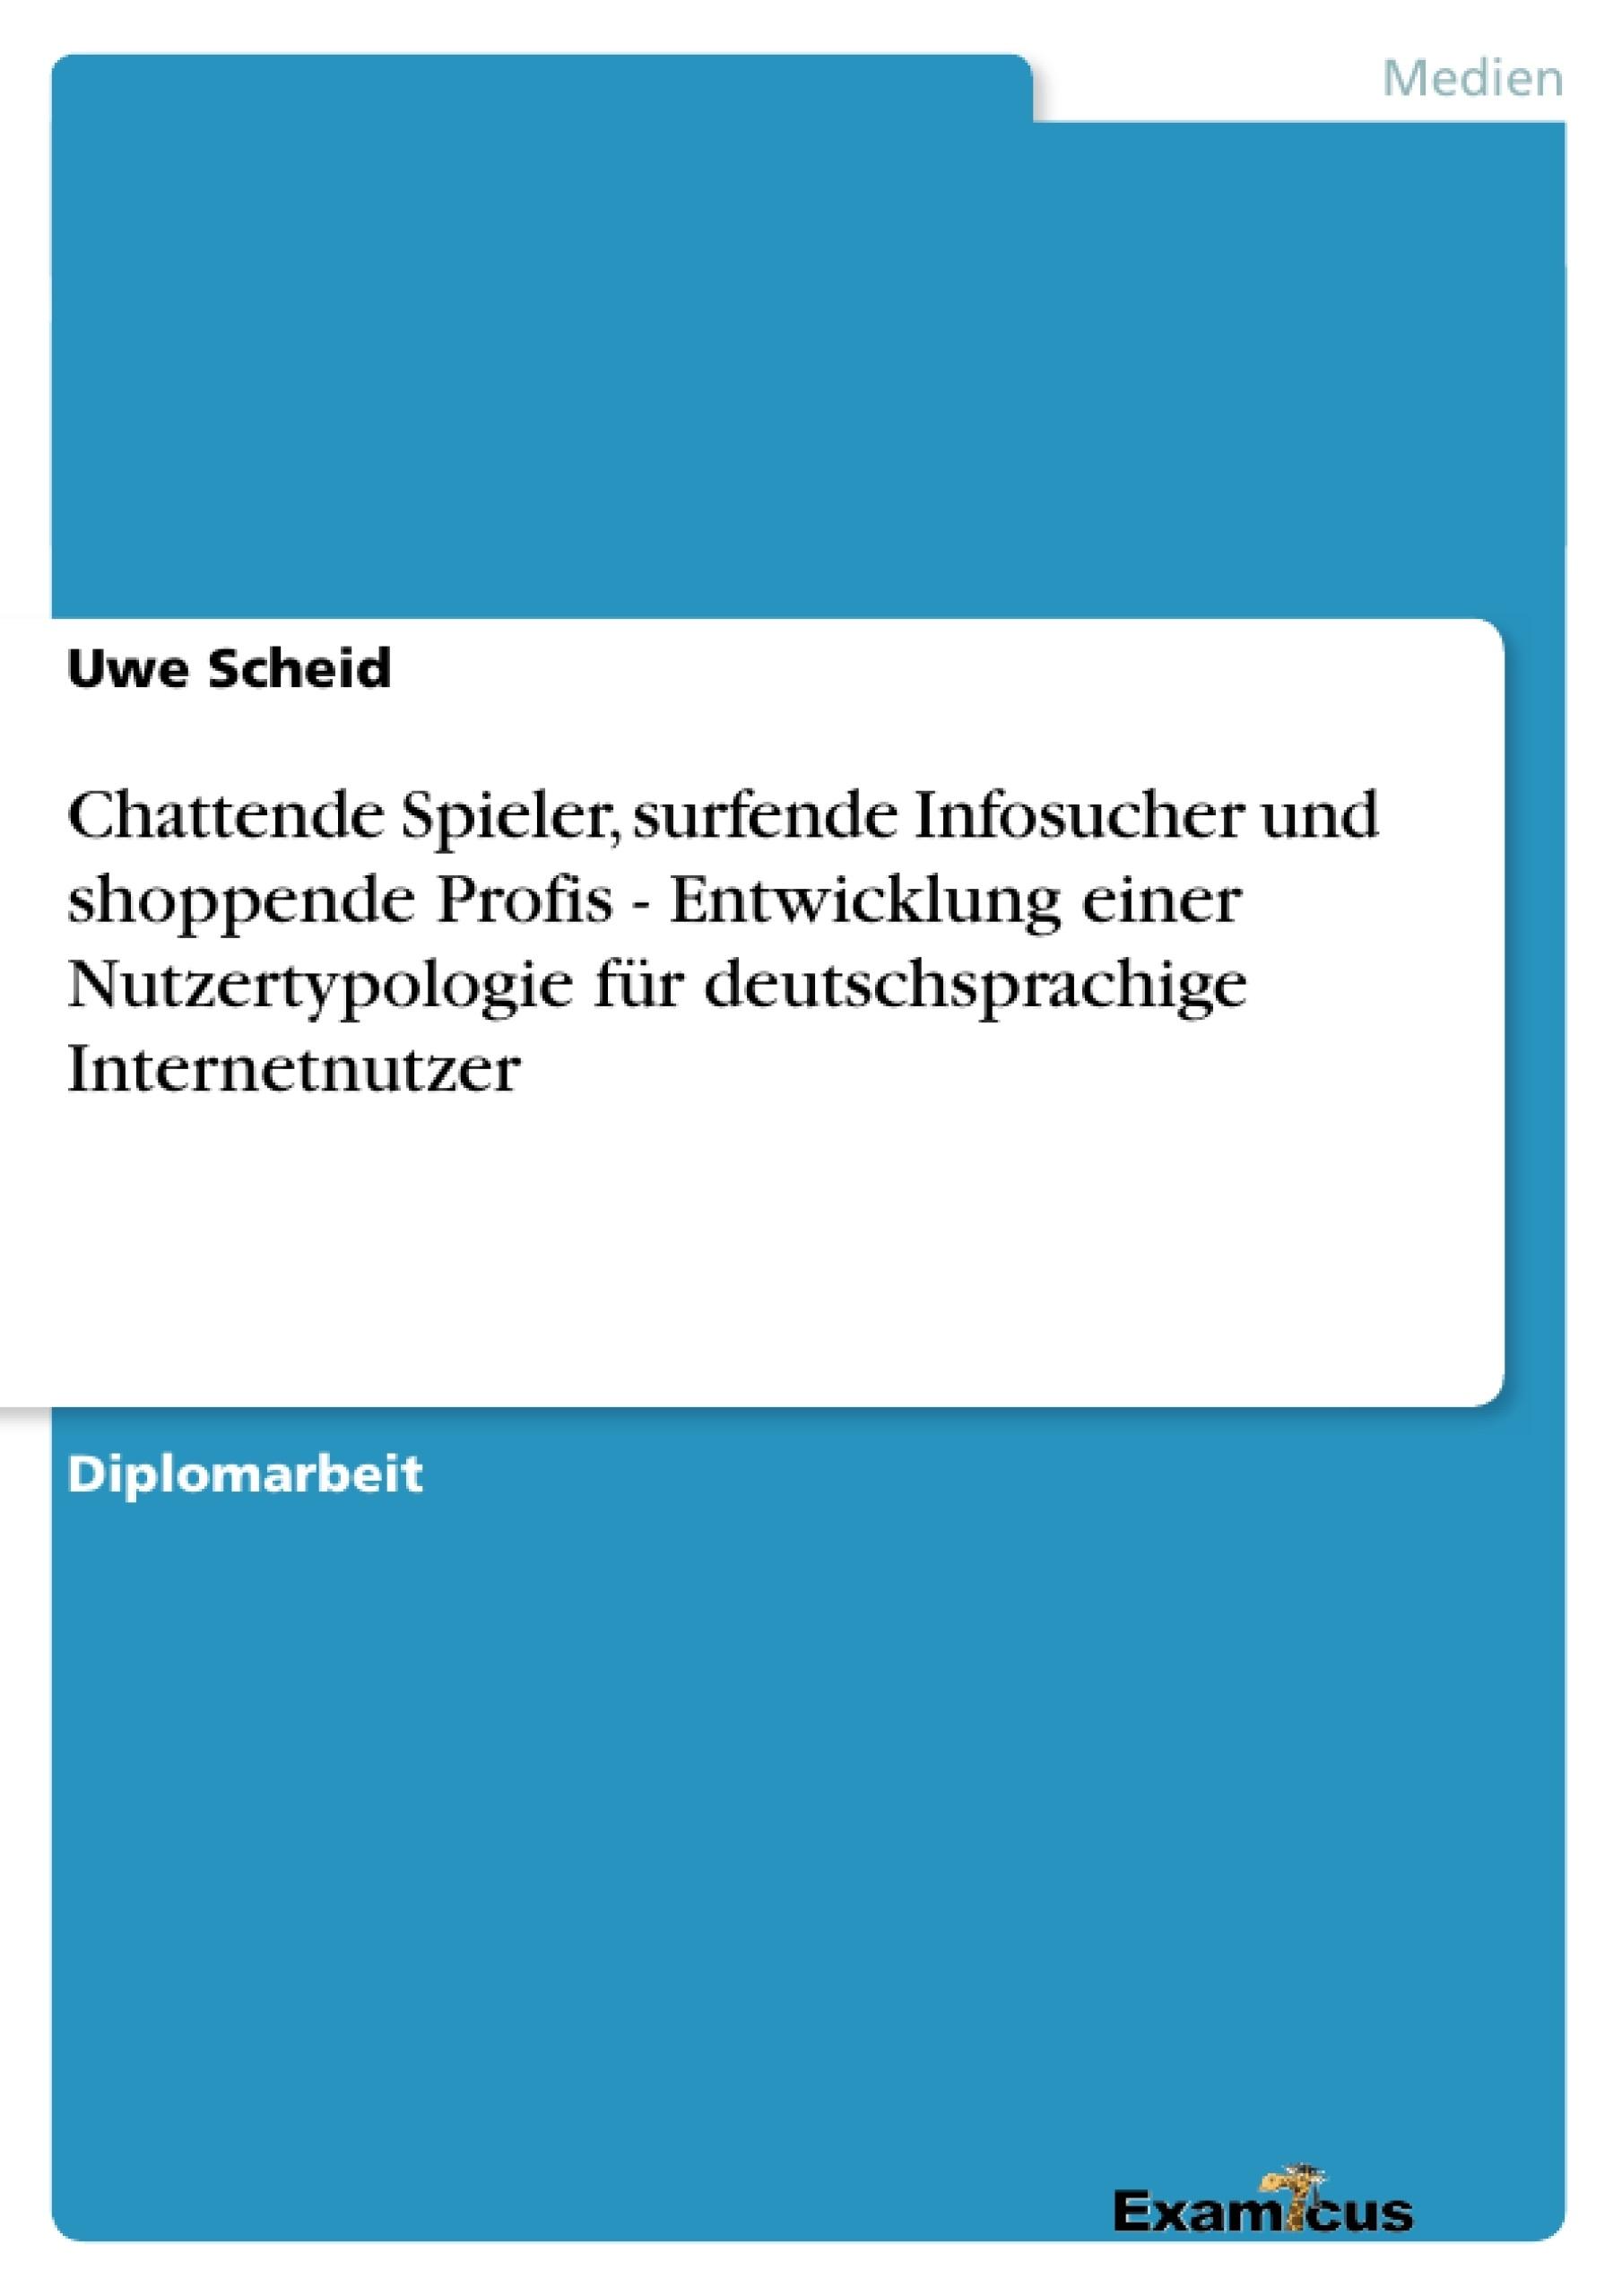 Titel: Chattende Spieler, surfende Infosucher und shoppende Profis - Entwicklung einer Nutzertypologie für deutschsprachige Internetnutzer